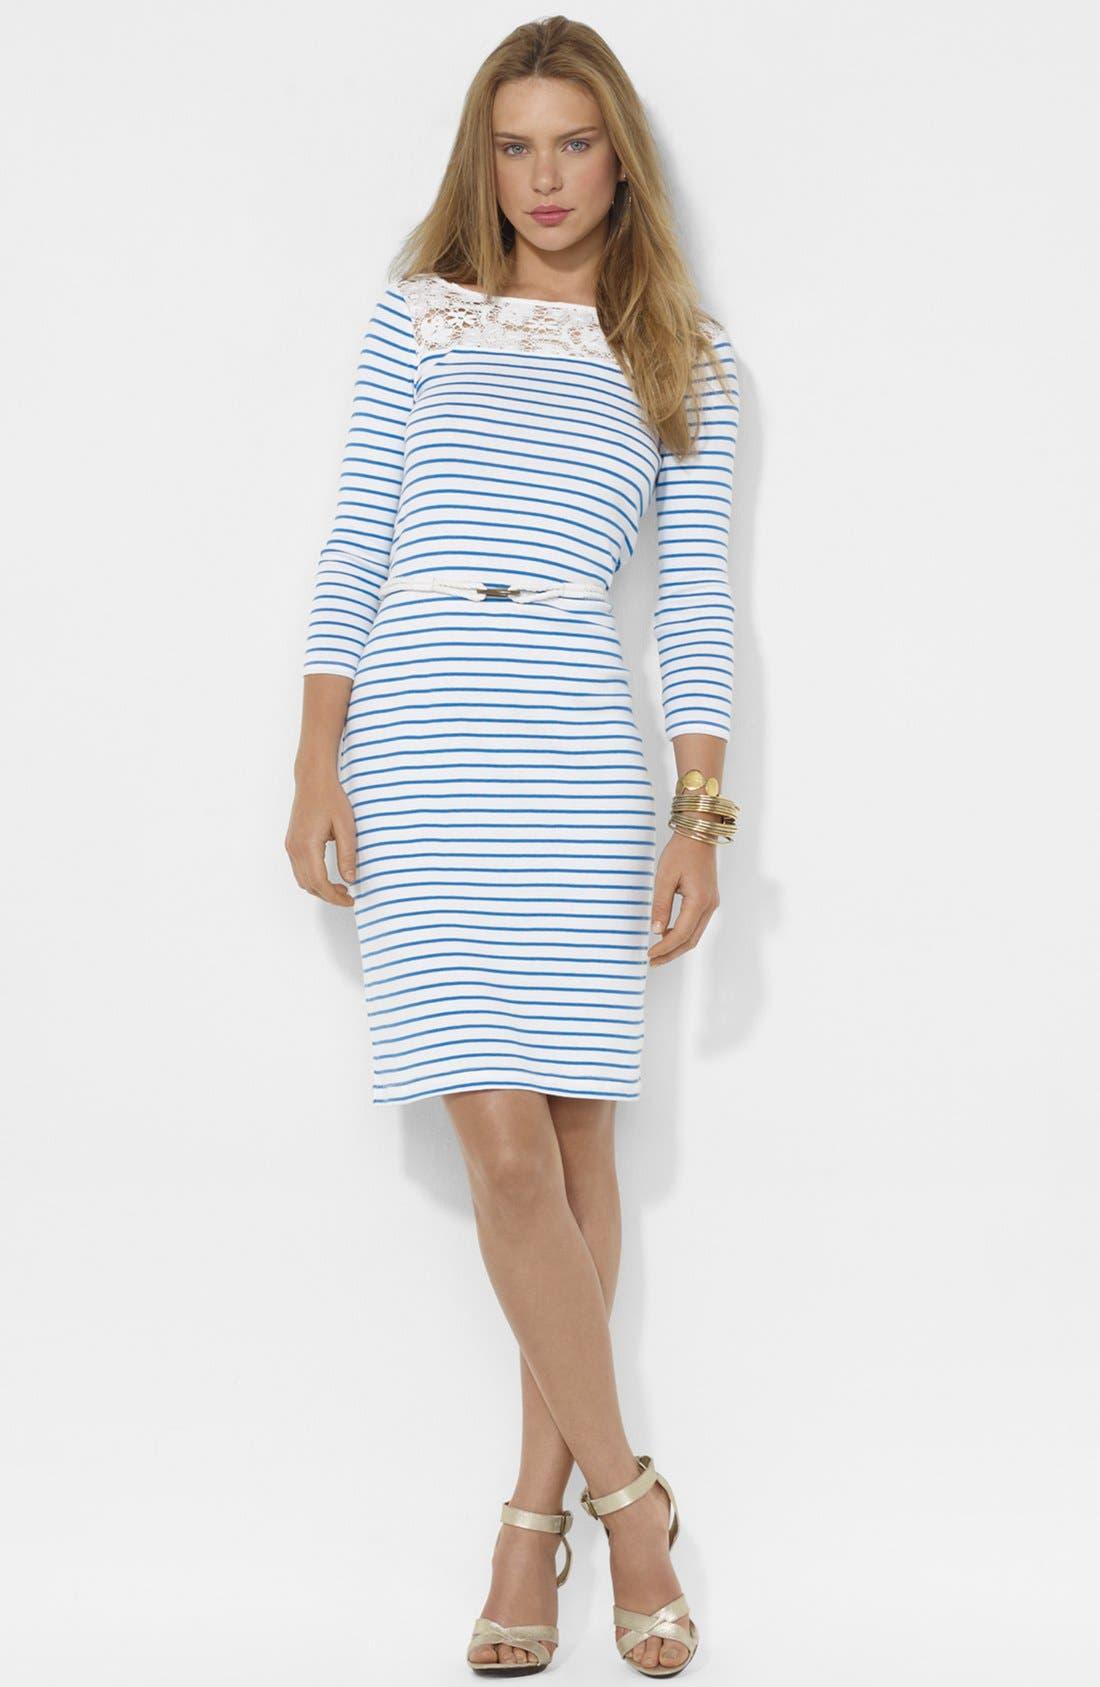 Main Image - Lauren Ralph Lauren Lace Trim Stripe Dress